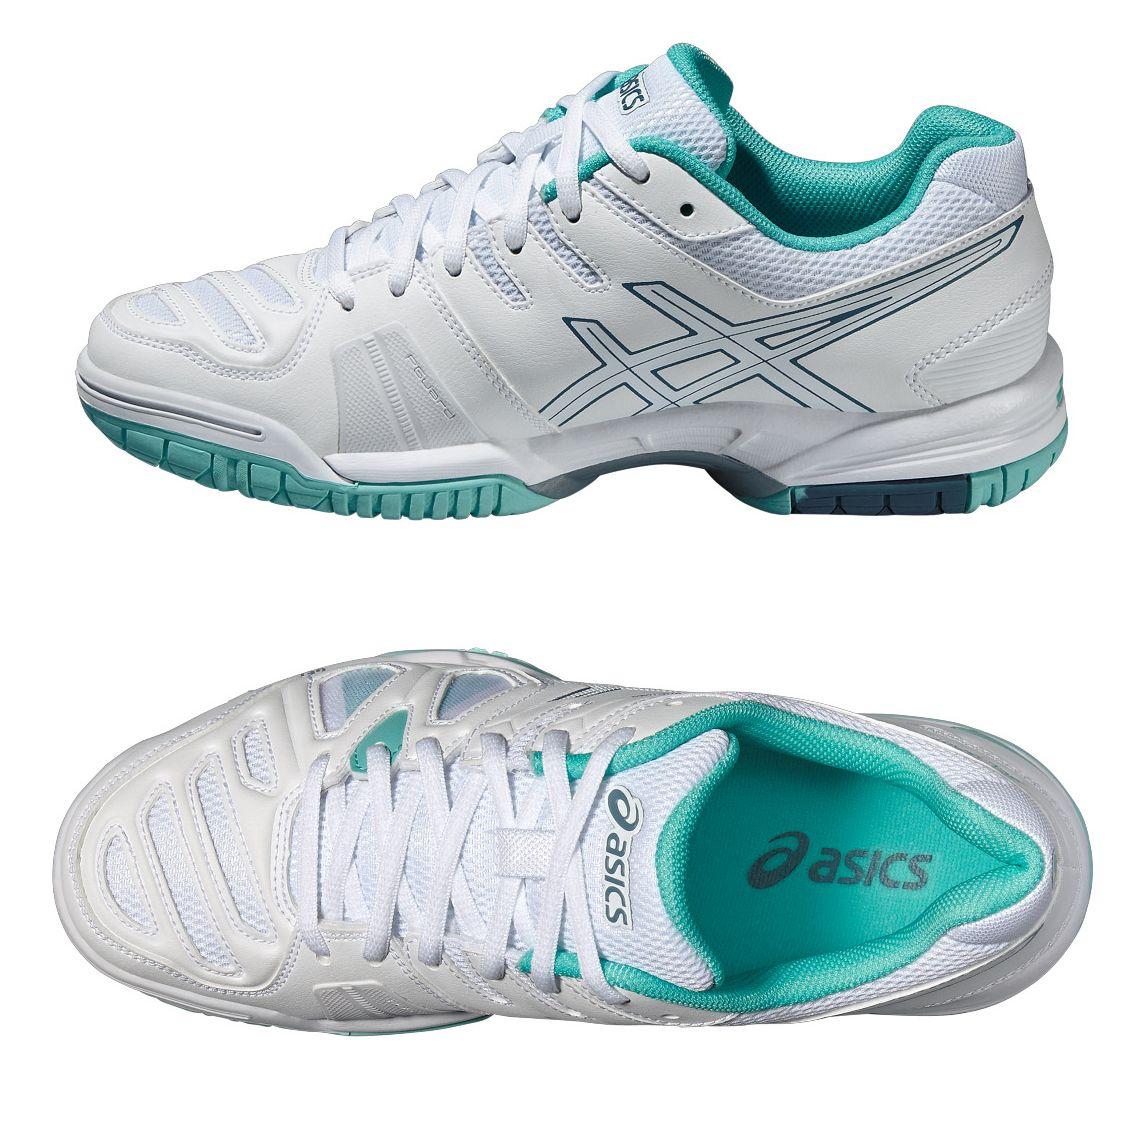 Asics Gel Tennis Shoe Size